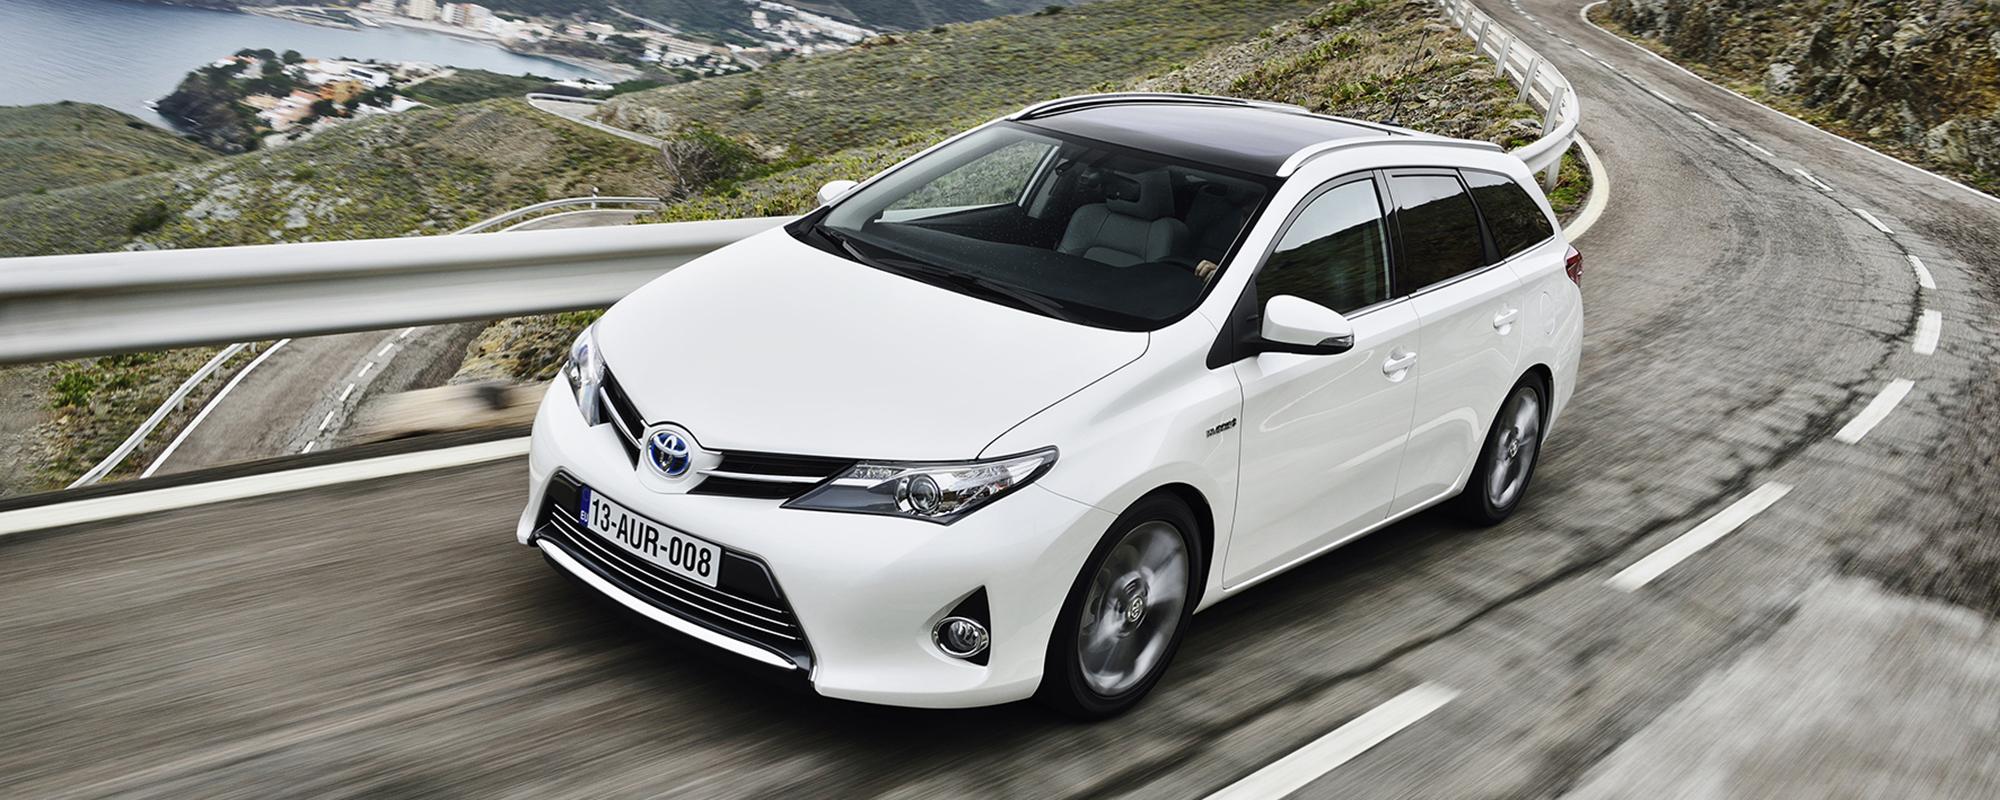 Toyota Auris TS: ook in 2015 met 14% bijtelling